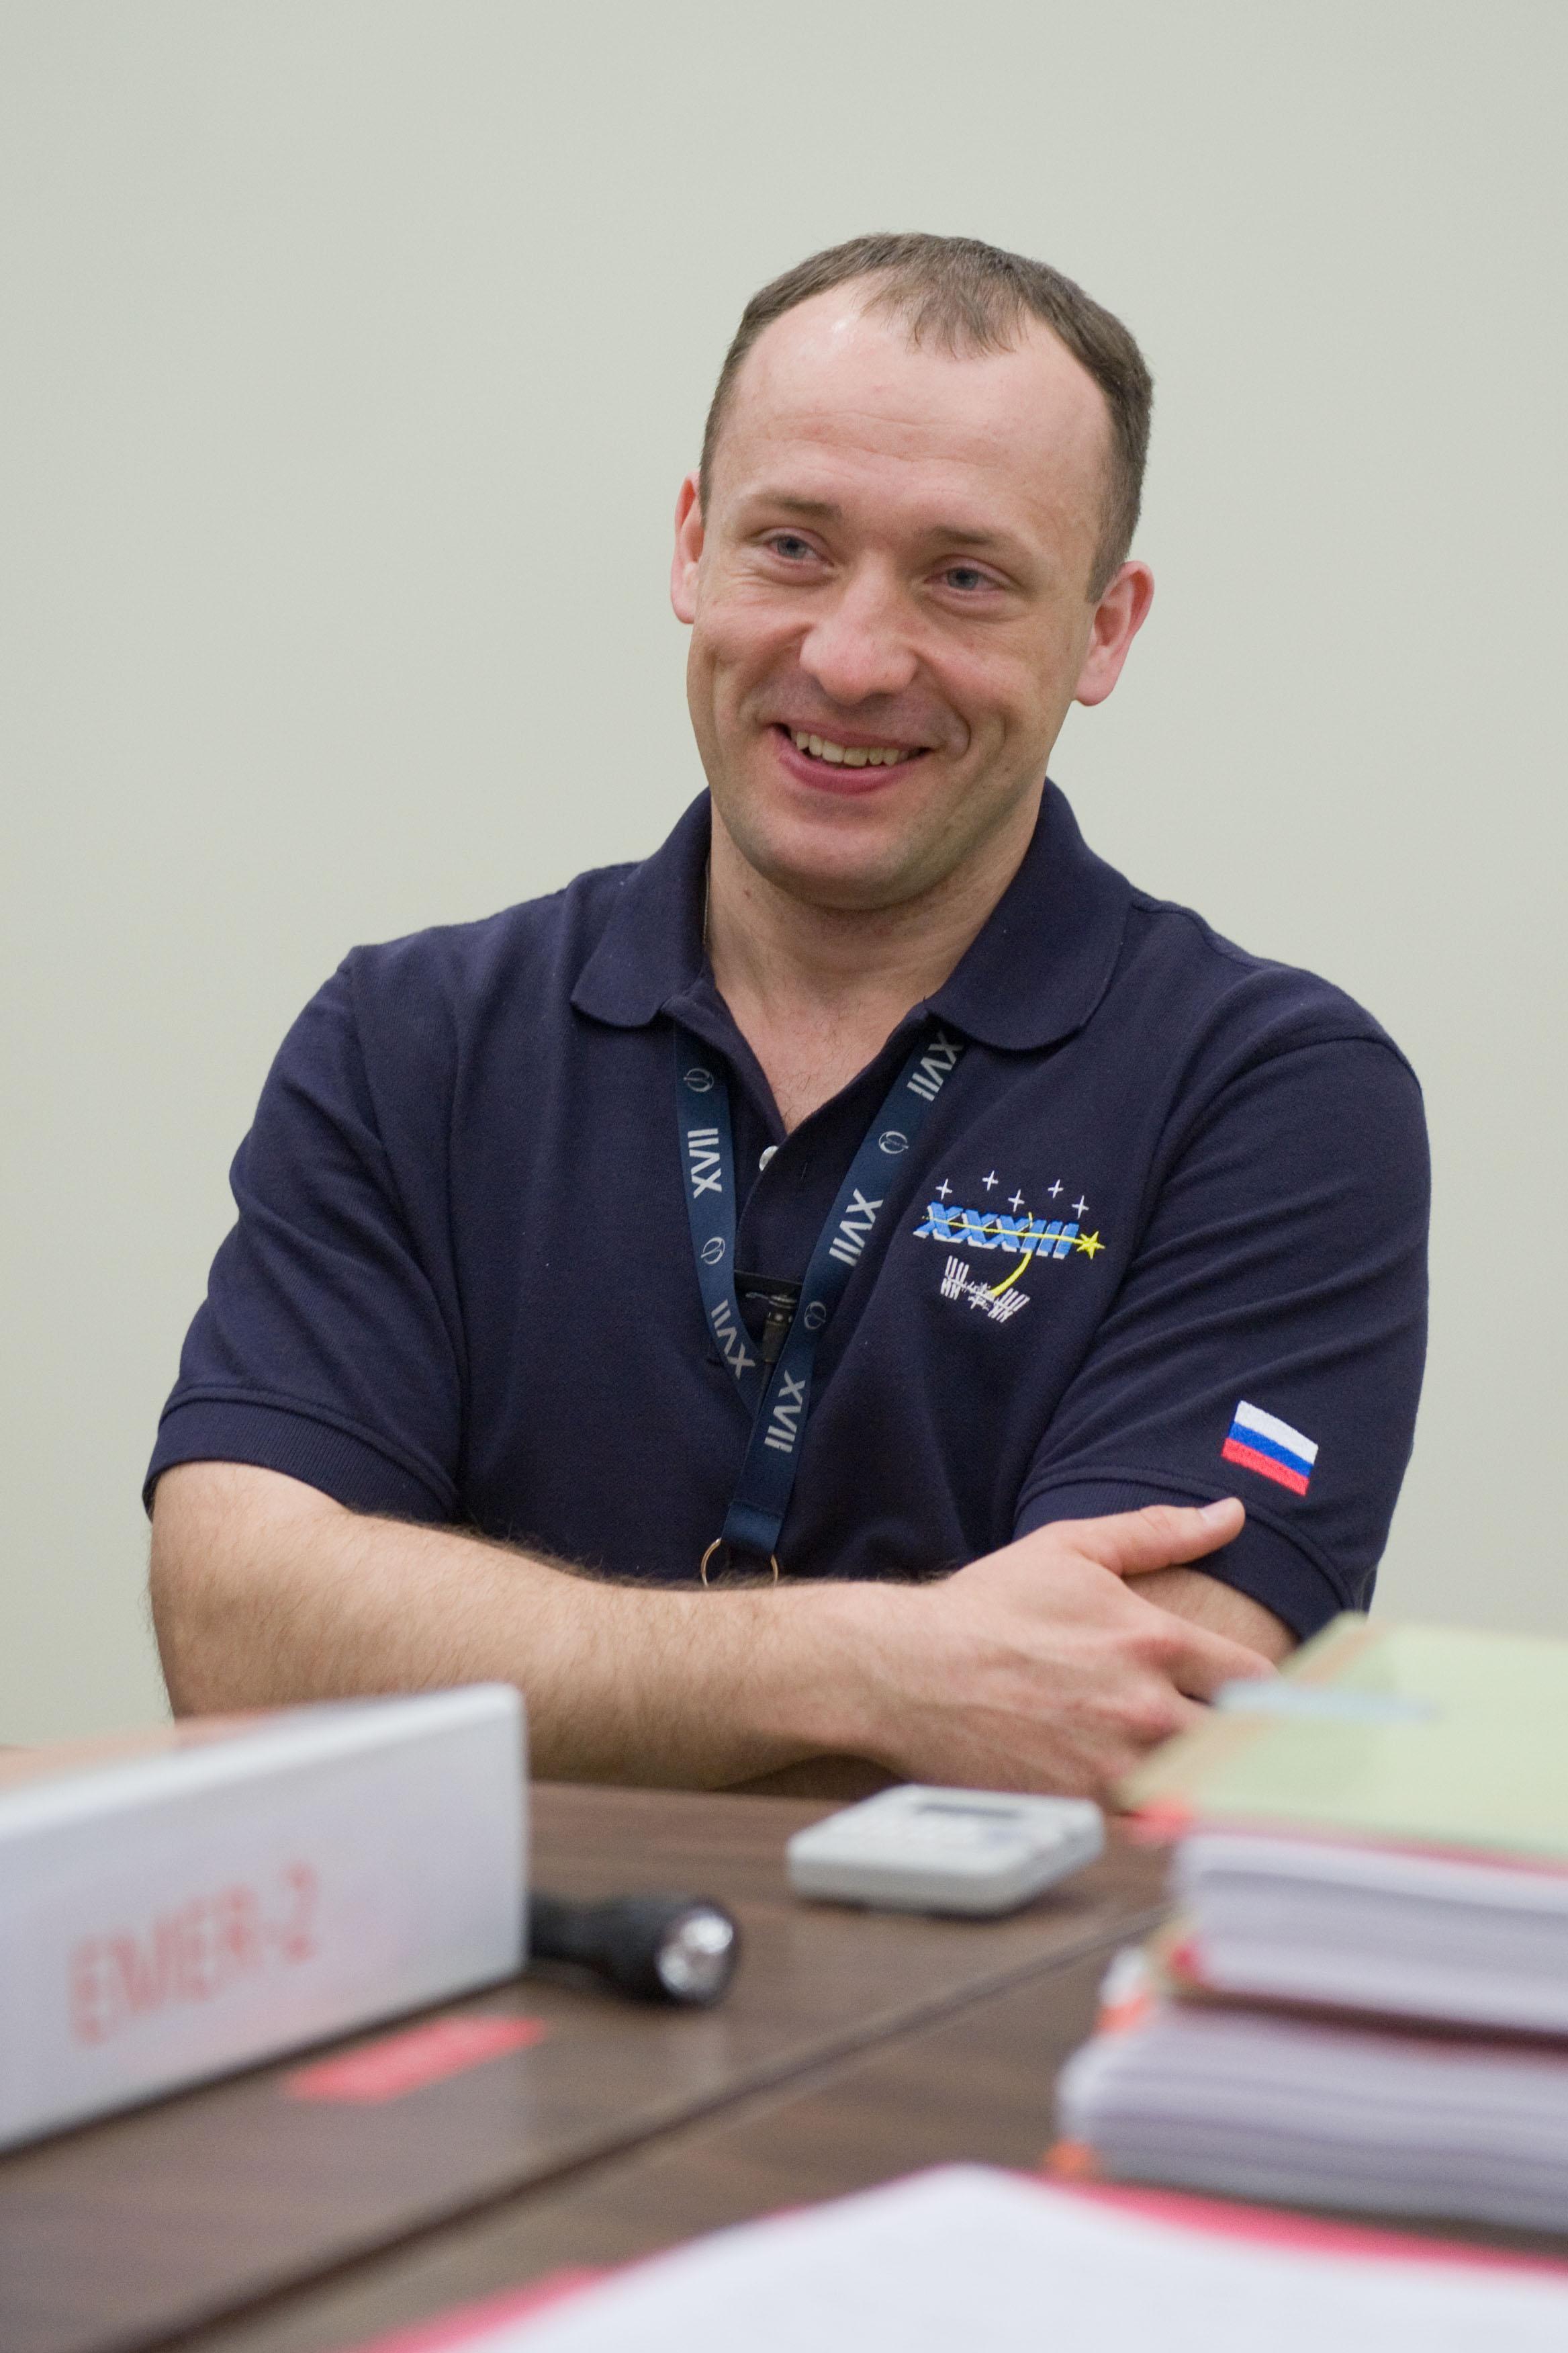 Russian Cosmonaut Alexander Misurkin